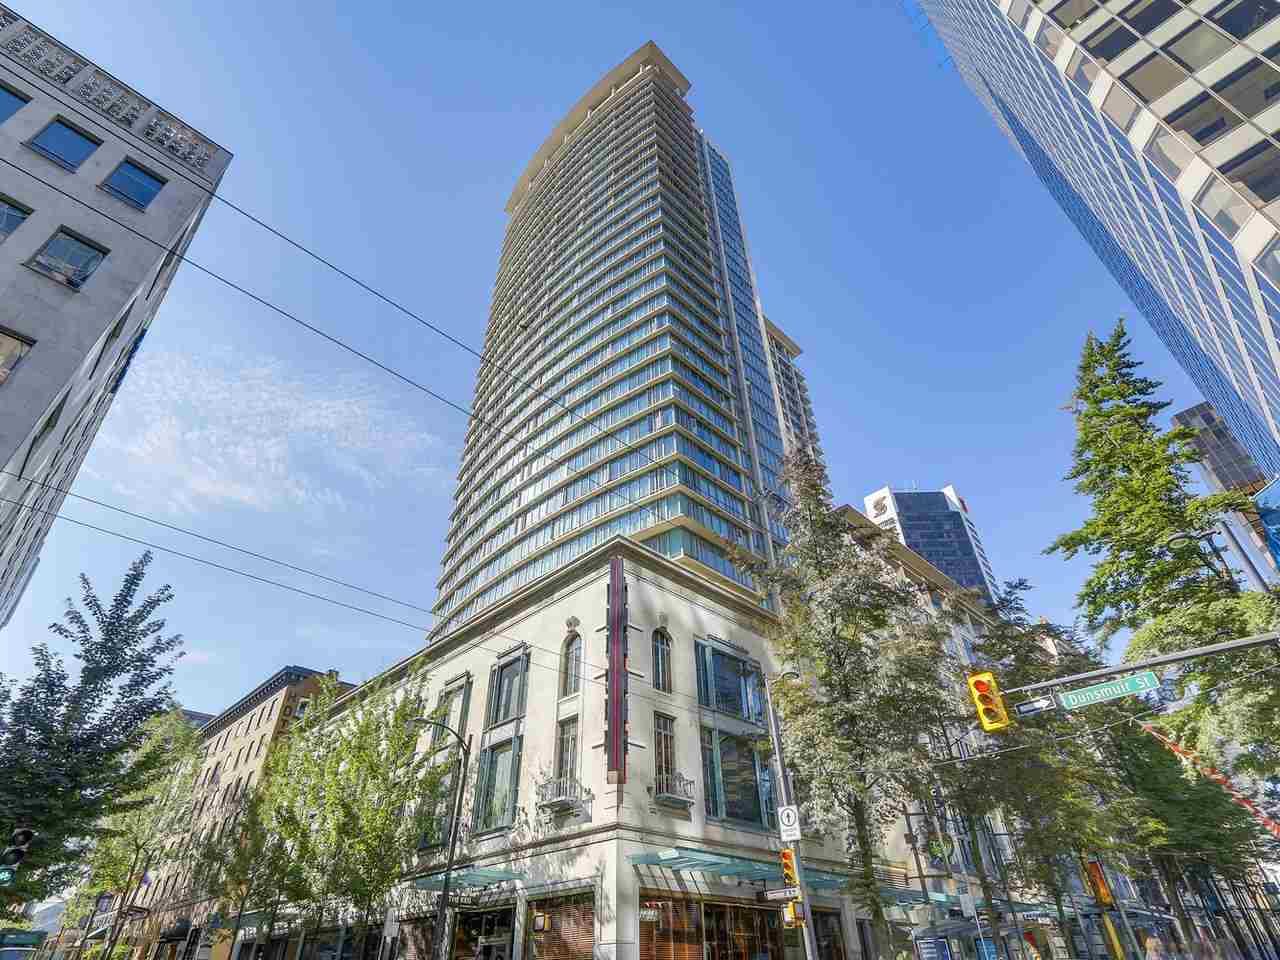 610 GRANVILLE STREET 616, Vancouver, BC V6C 3J3